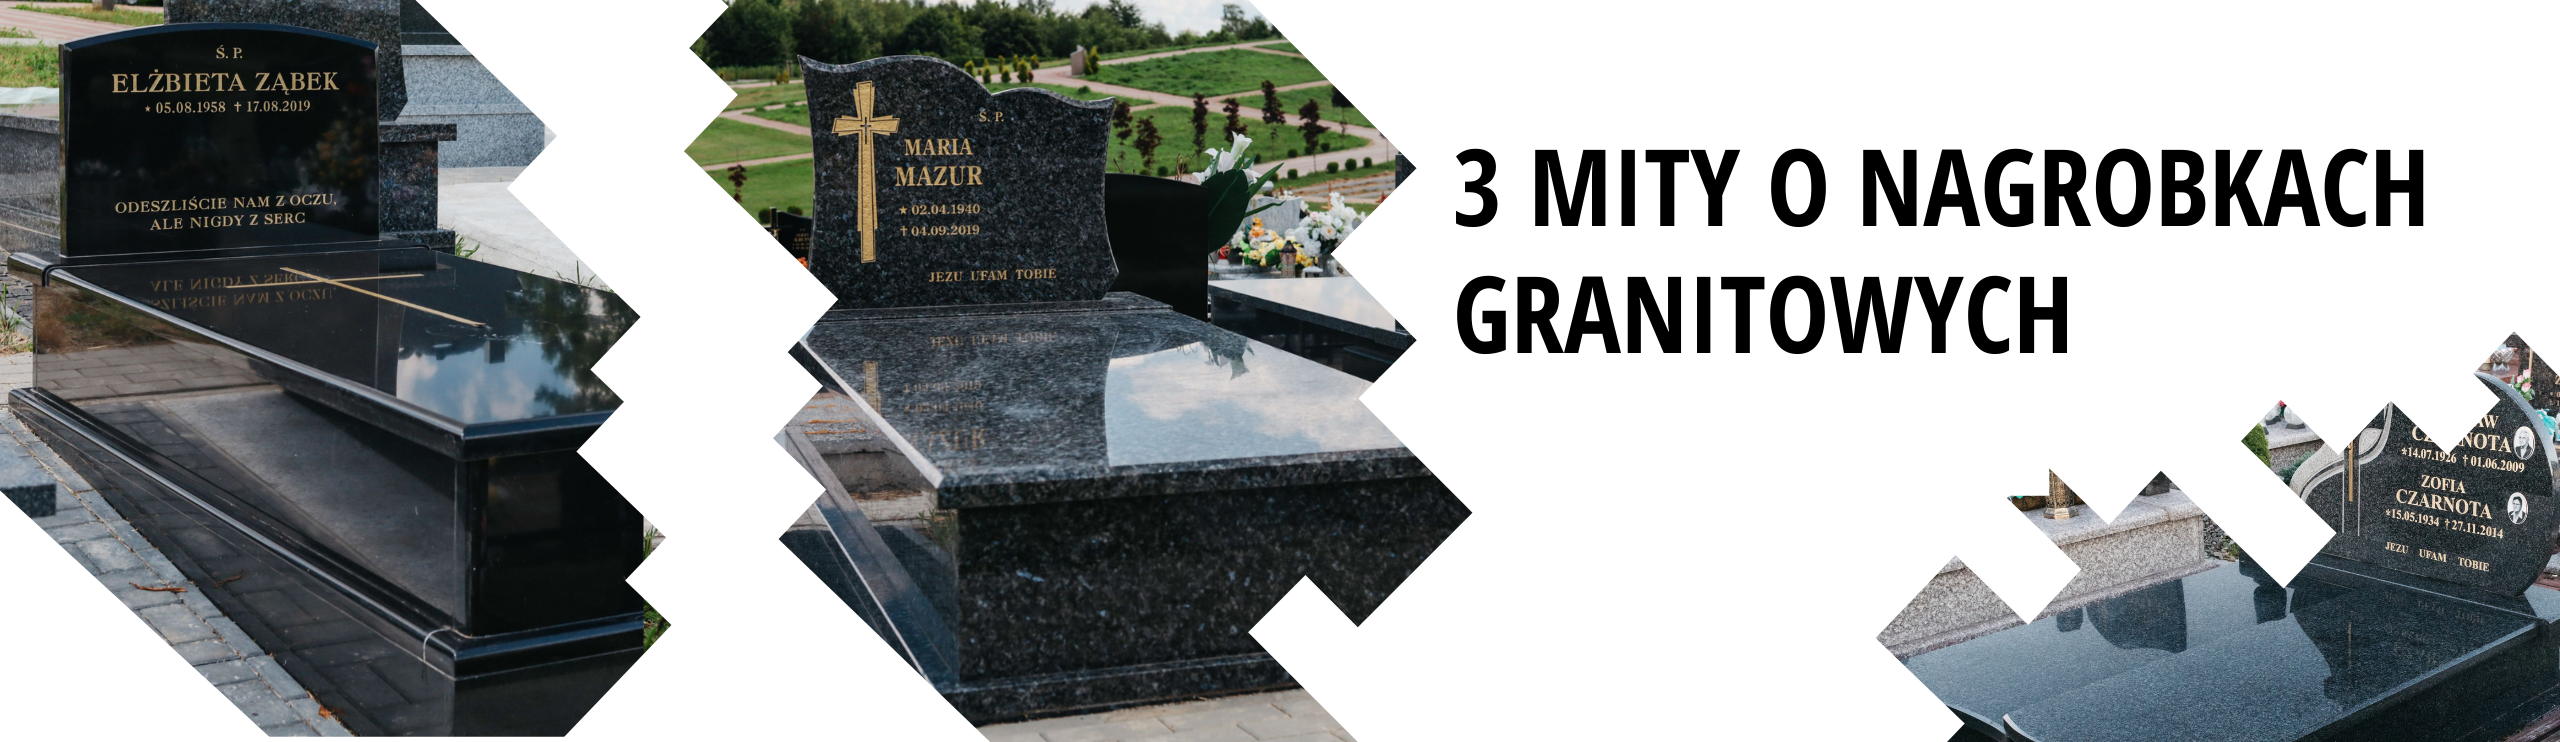 3 popularne mity na temat nagrobków granitowych.